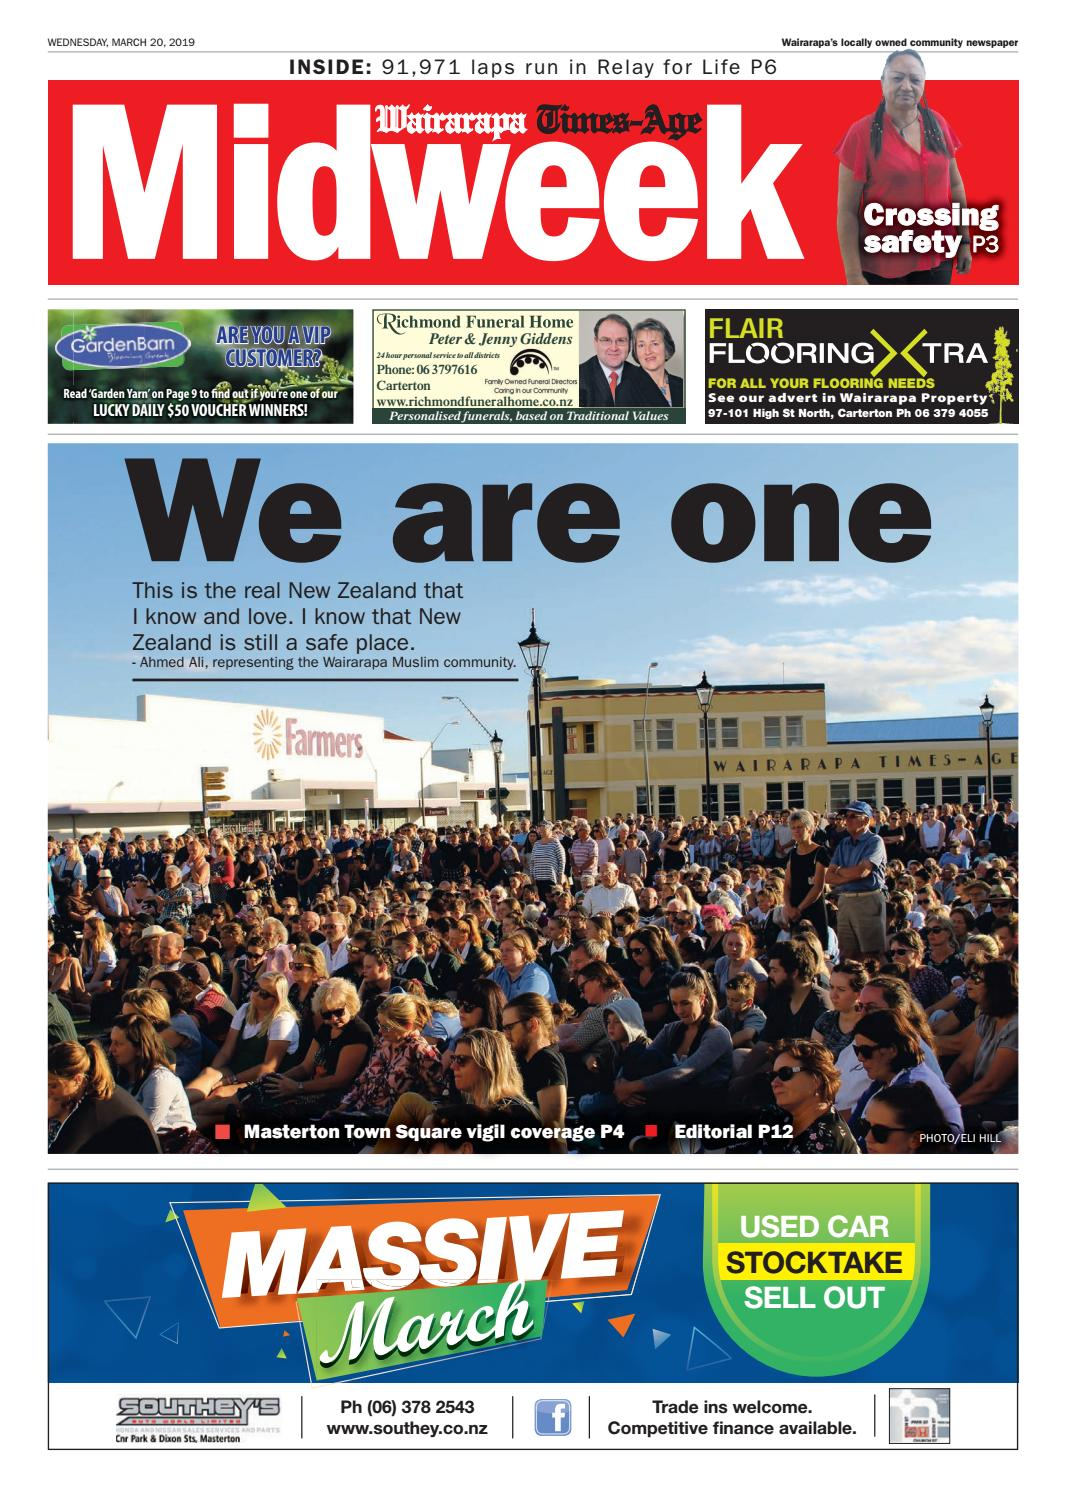 403fce79c Wairarapa Midweek Wed 20th March by Wairarapa Times-Age - issuu